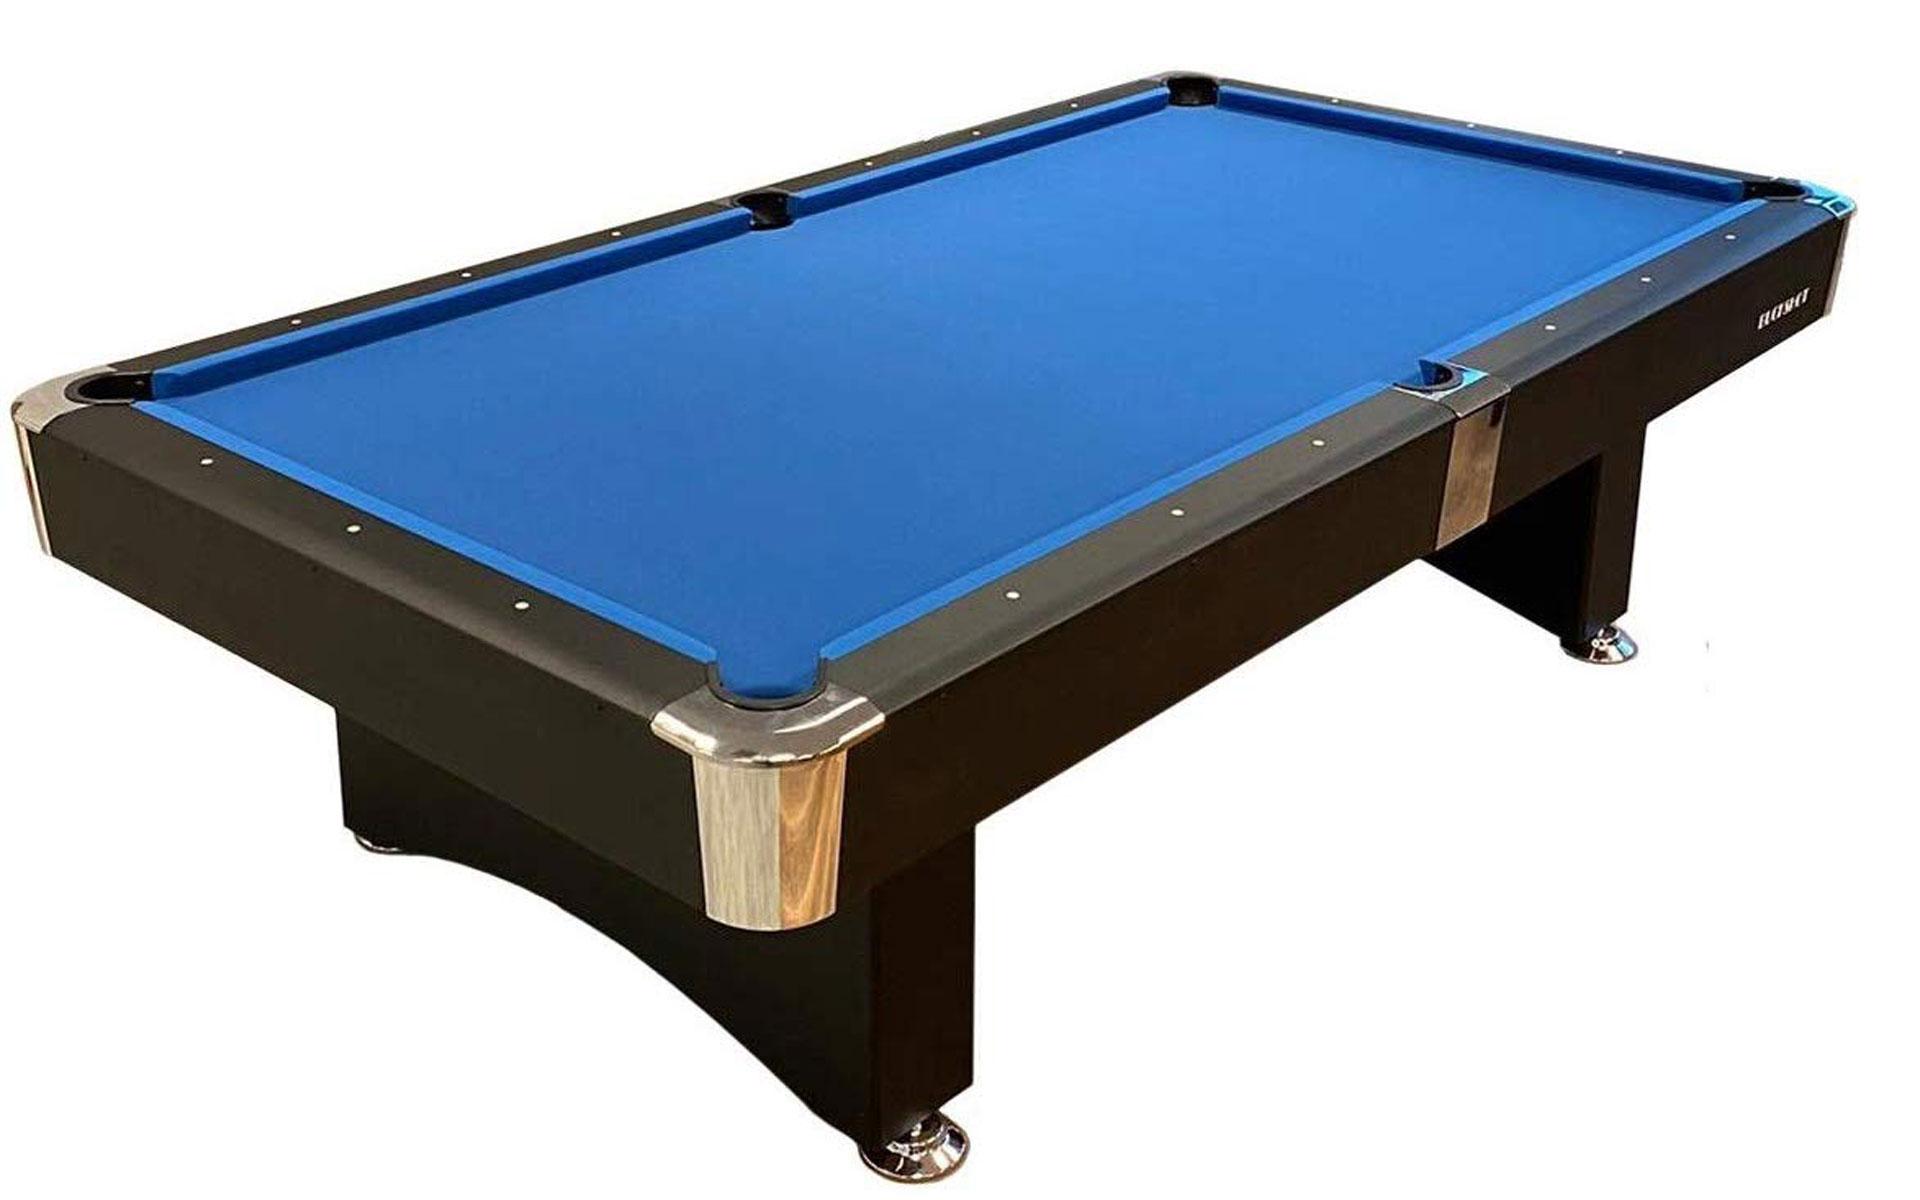 Das blaue Tuch des Buckshot-Billardtisches ist ein Hingucker. (Foto: Amazon)